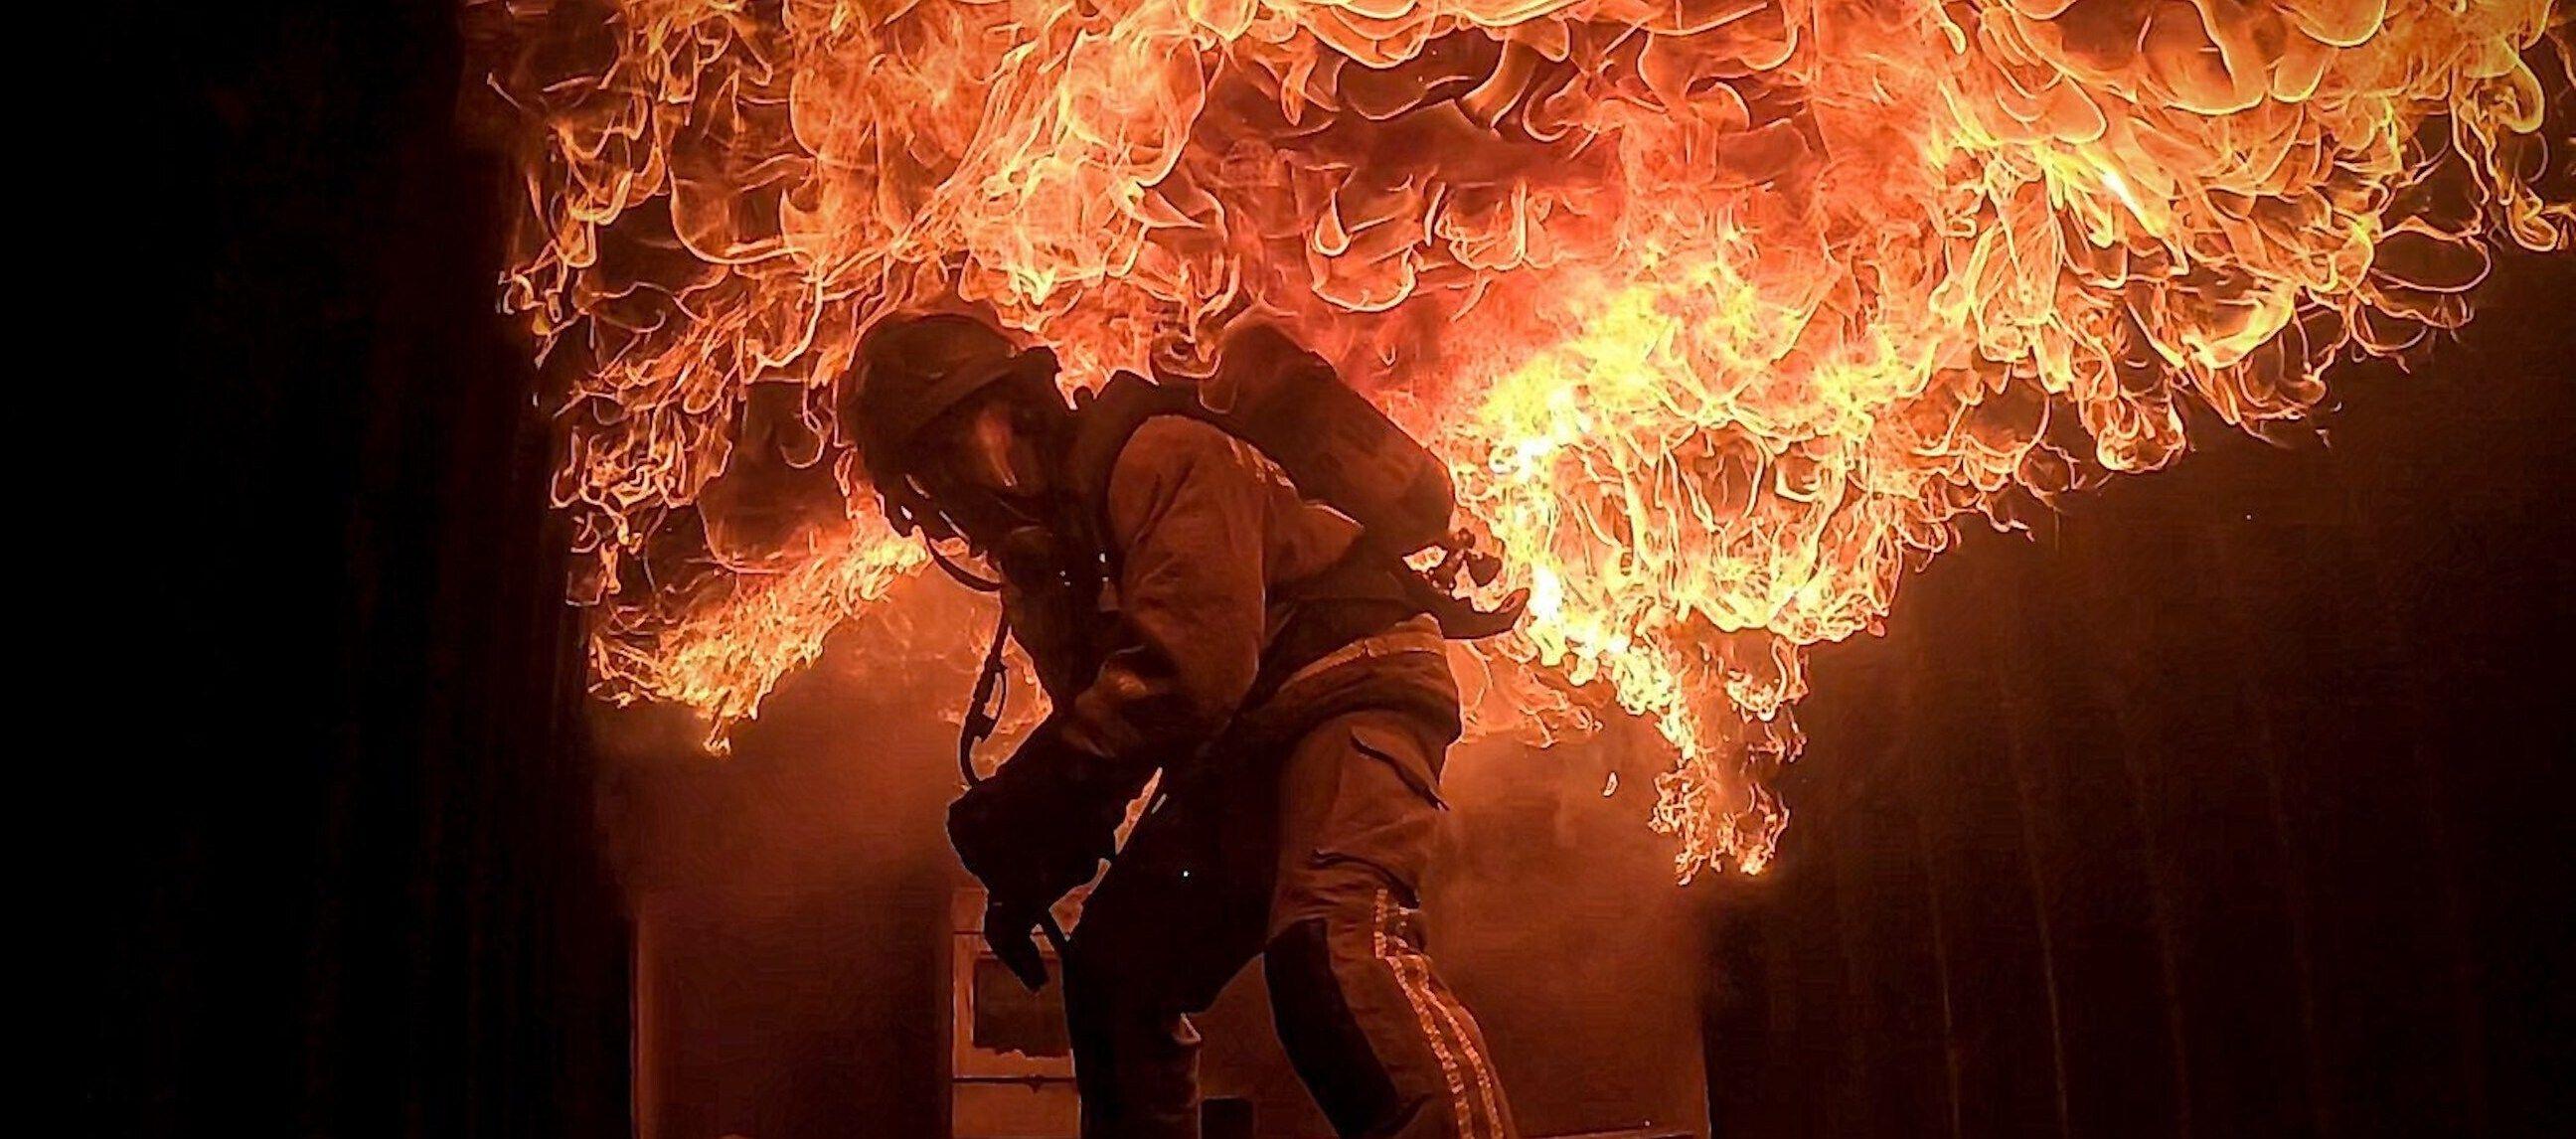 « Zone Interdite » a filmé les flammes au plus près de l'action